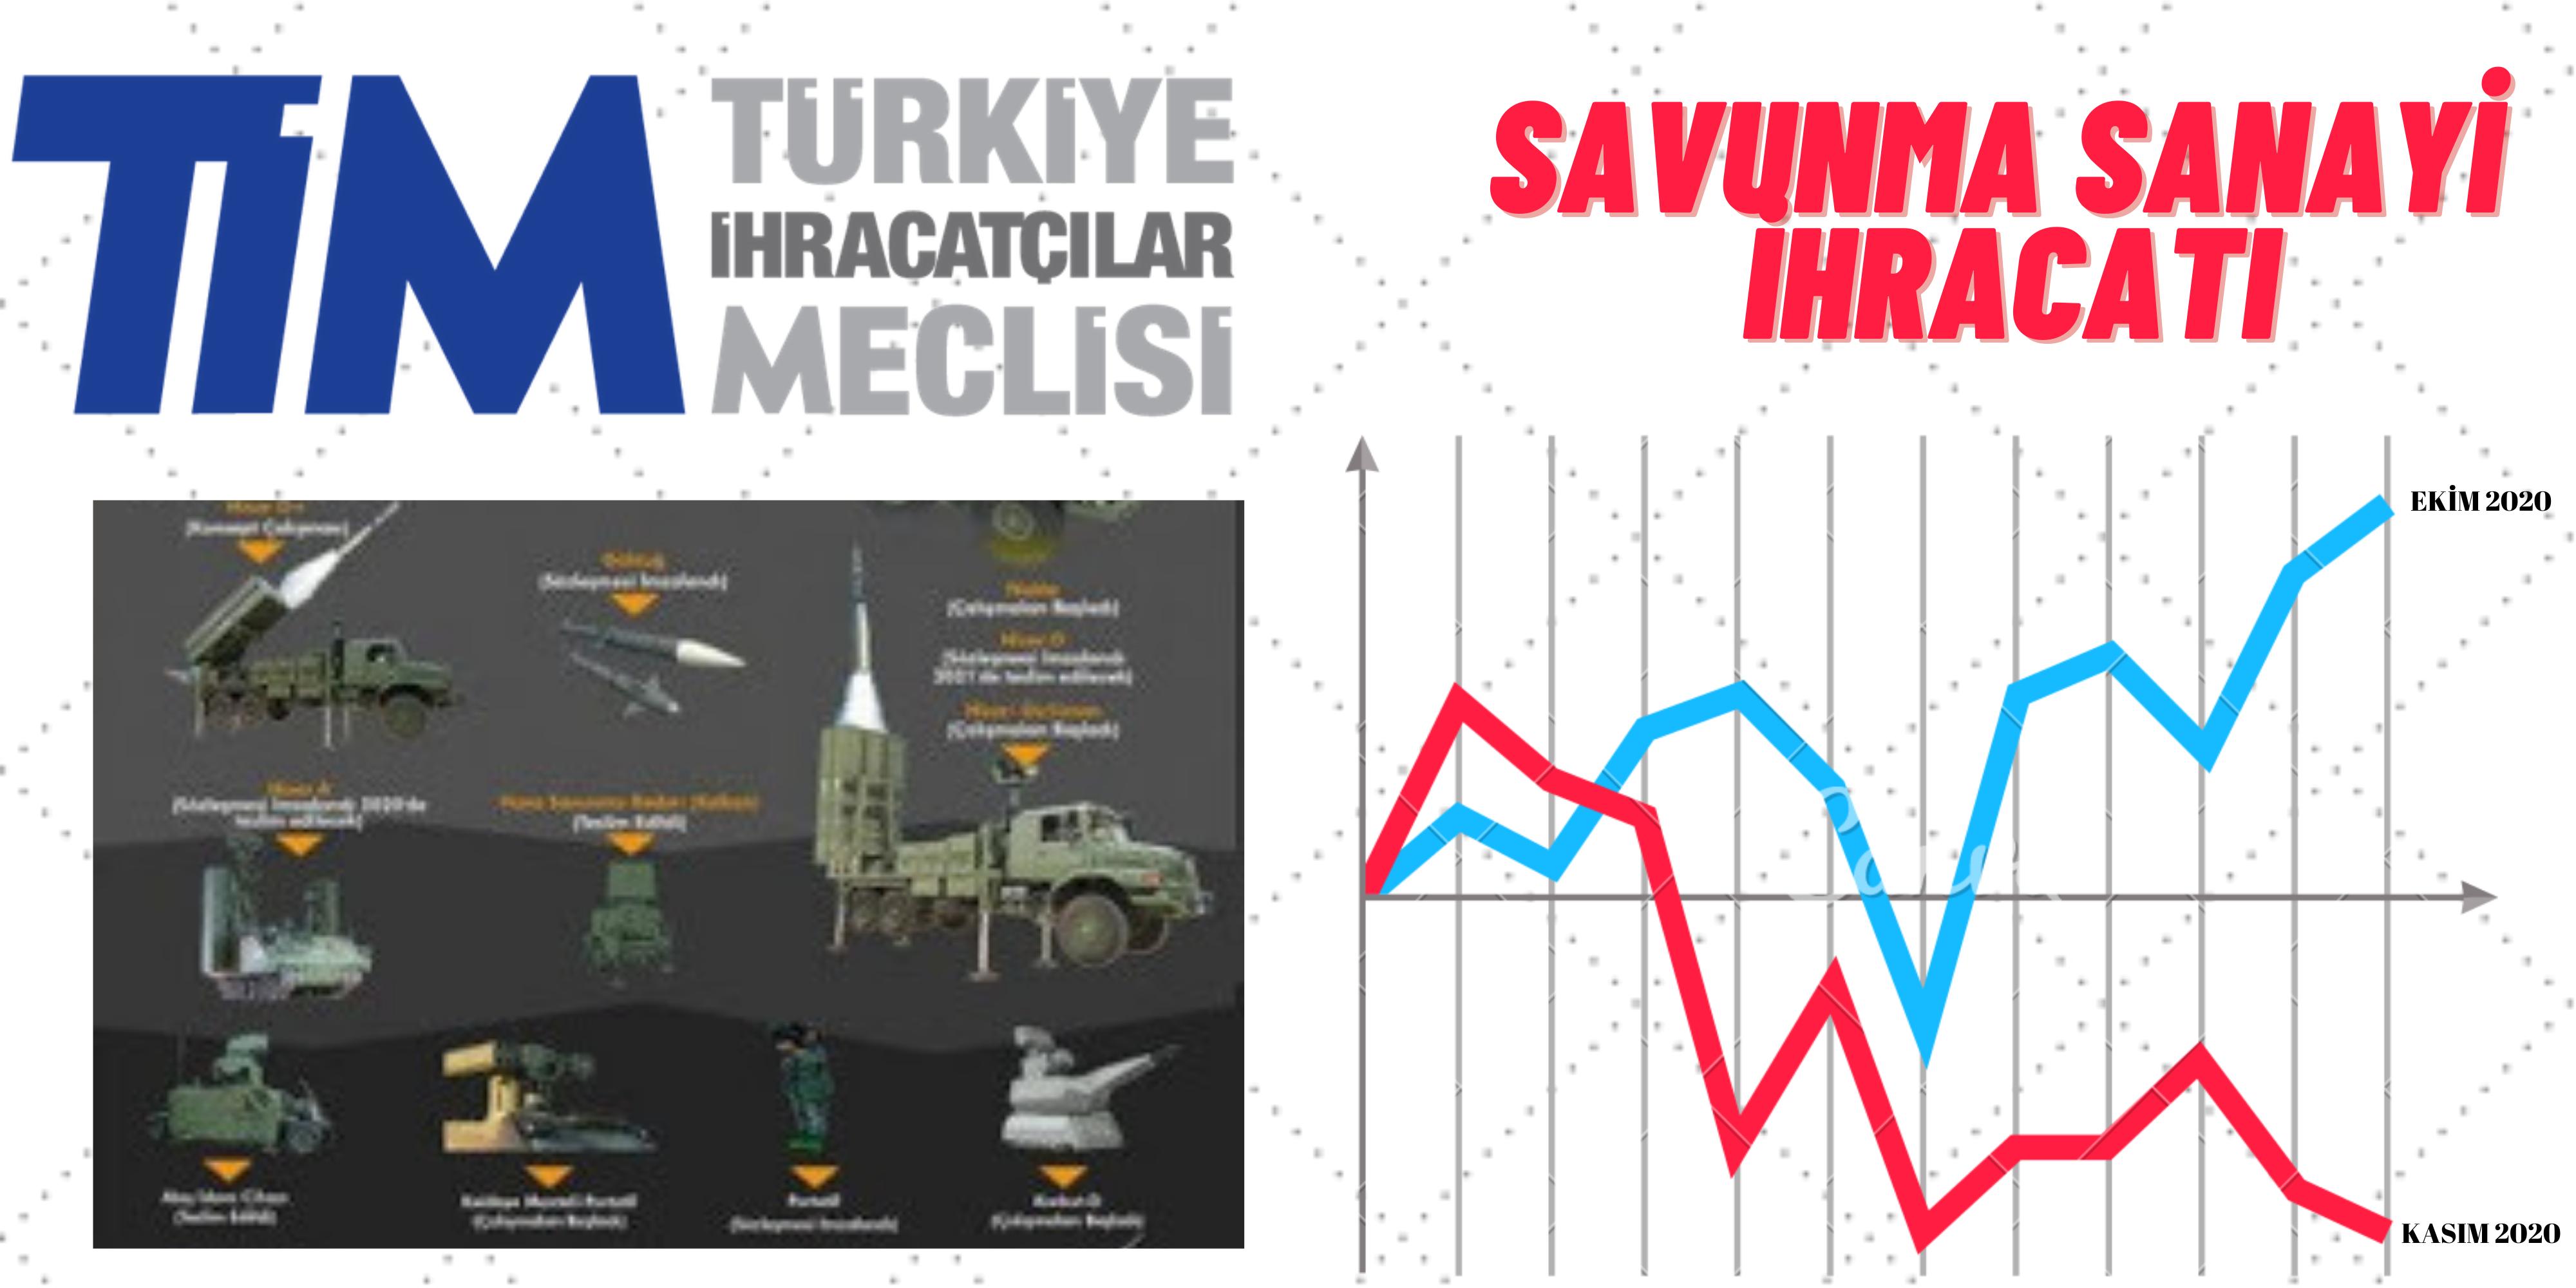 Türk Savunma ve Havacılık İhracatı Kasım Ayı Verisinde Ciddi Düşüş